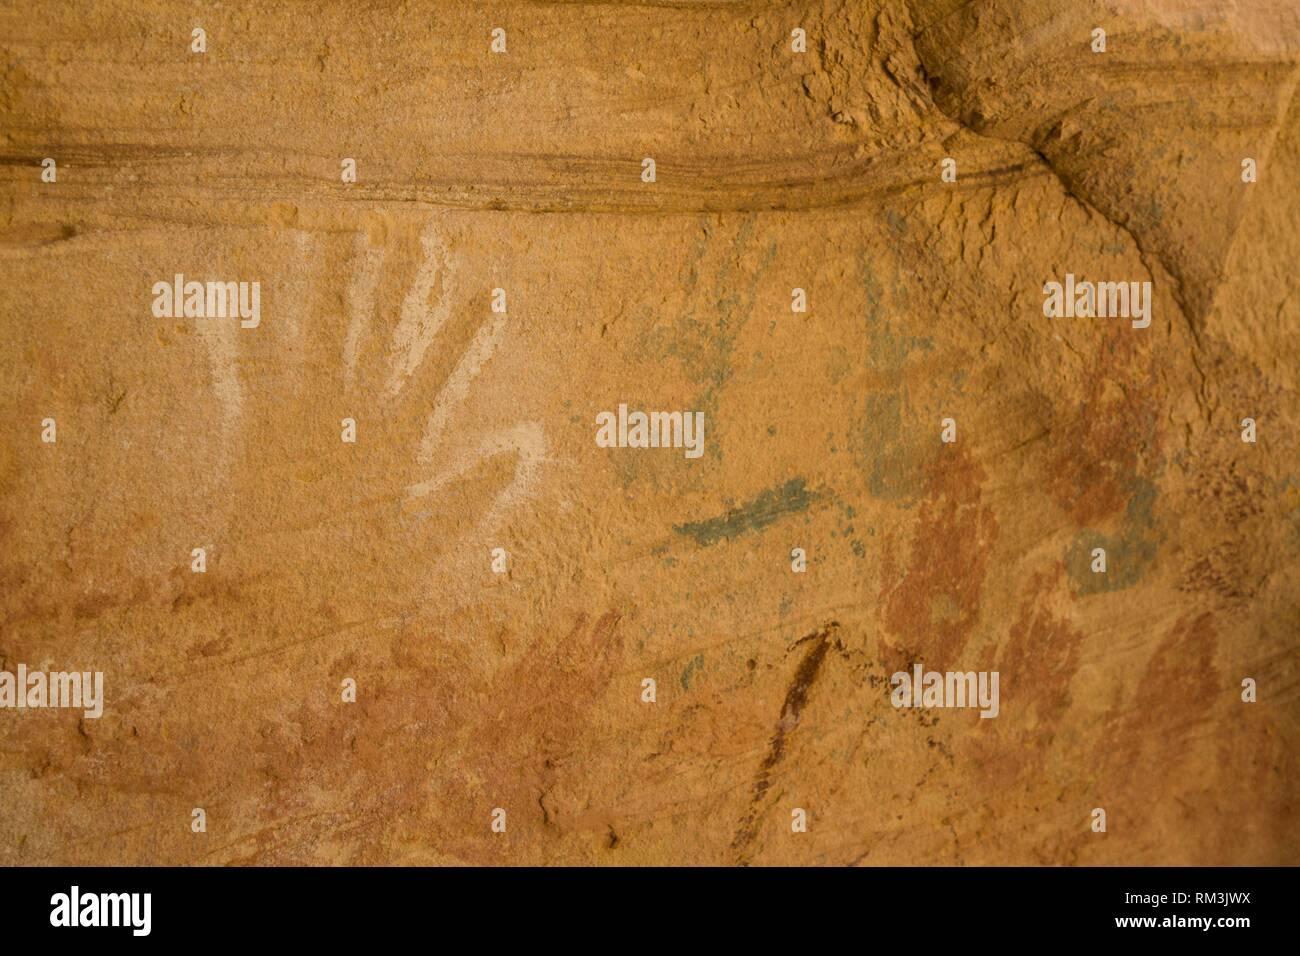 Steinzeitliche Darstellungen (etwa in der Chauvet-Höhle) zeigen.